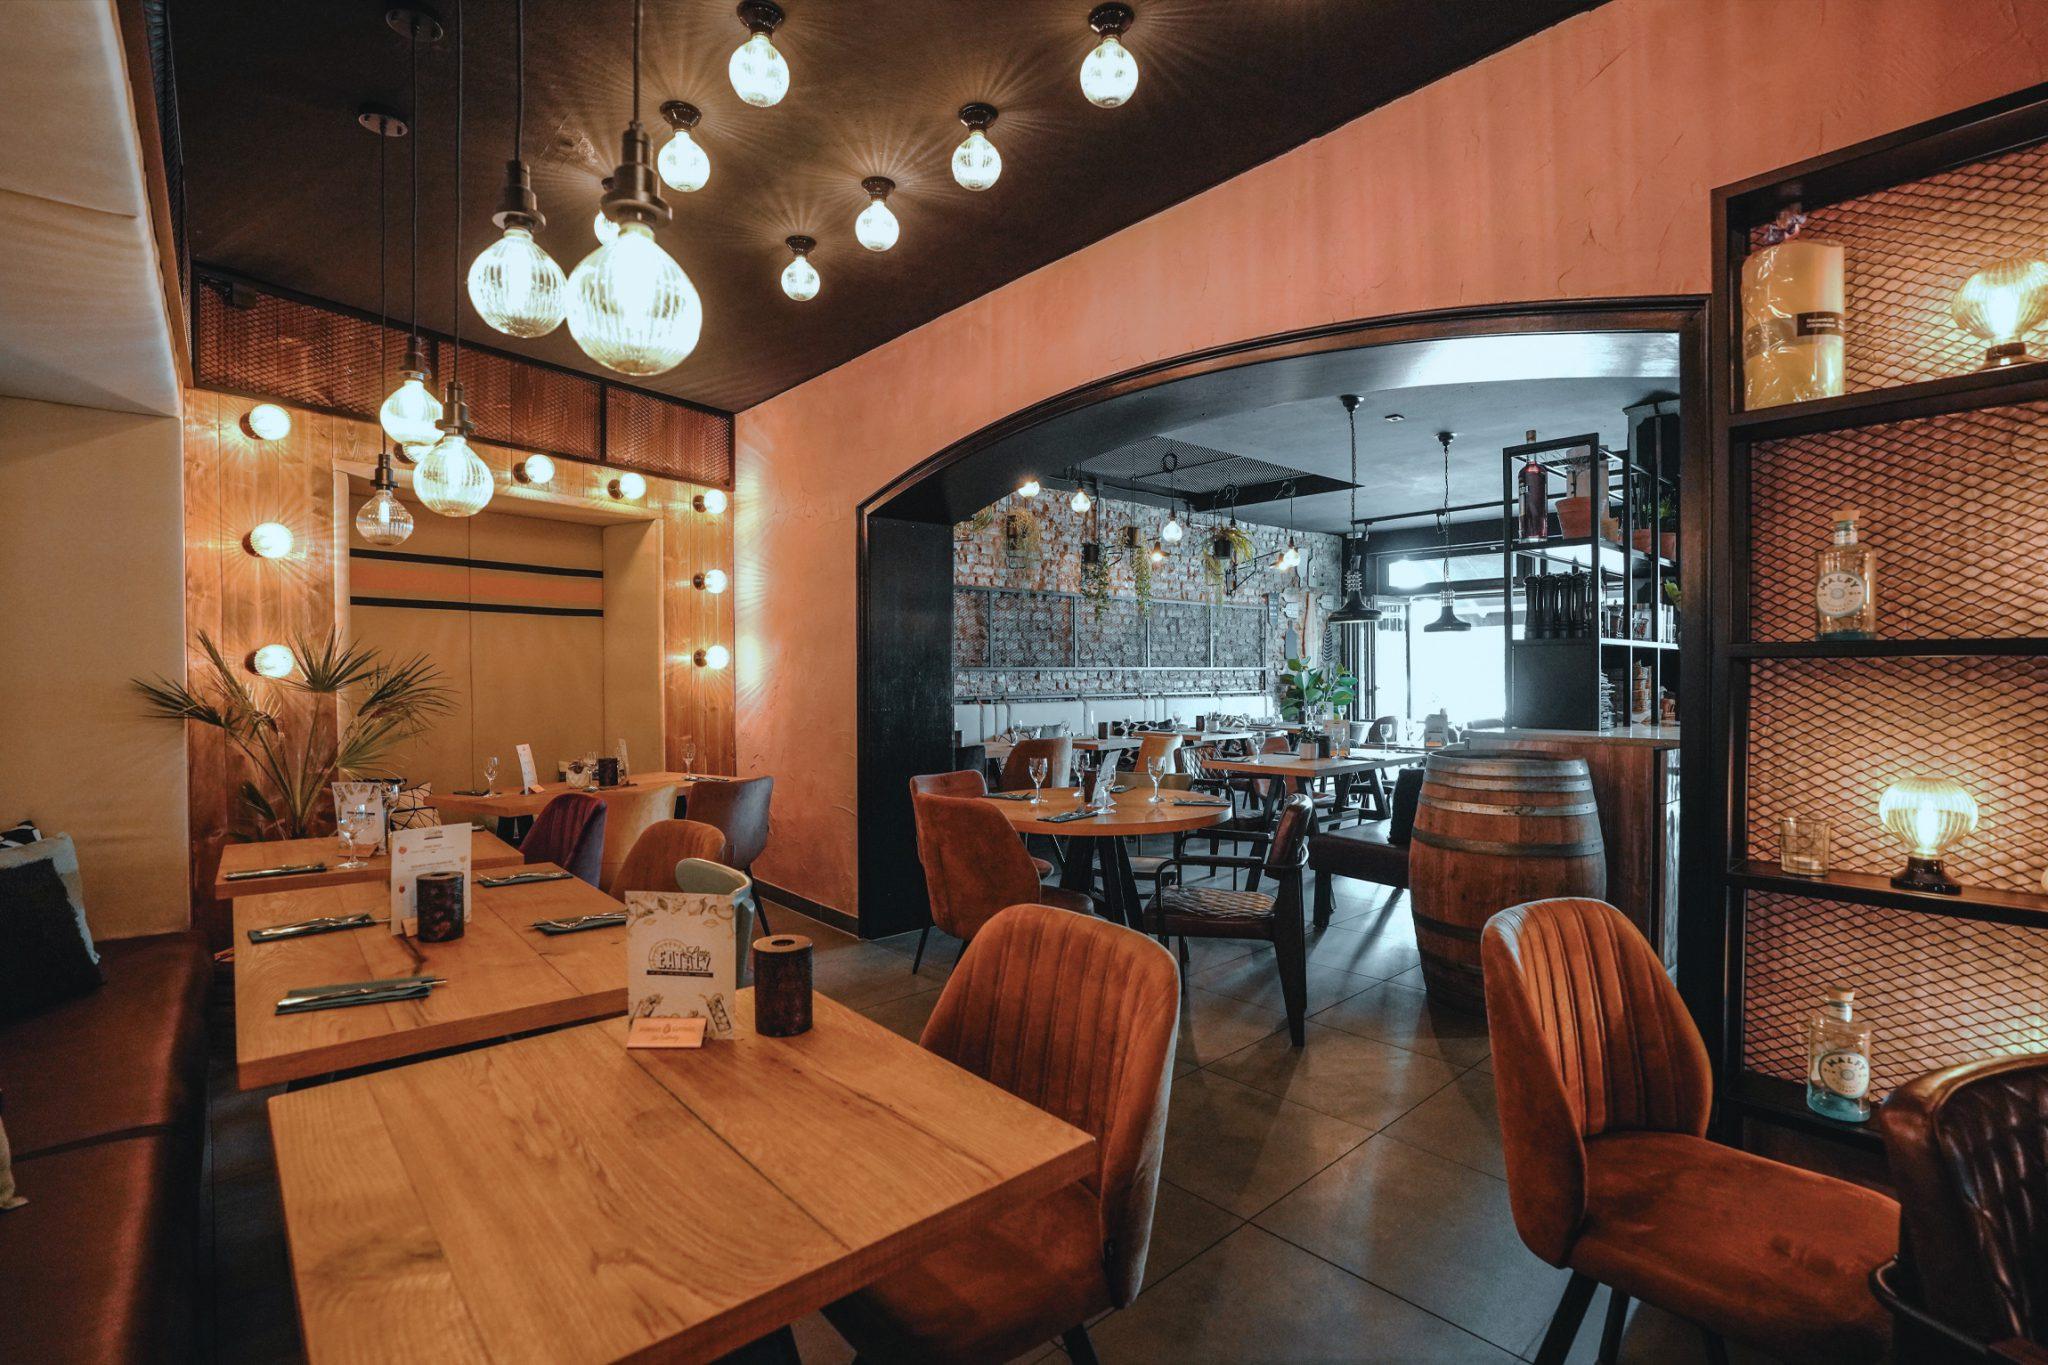 Little Eataly, Industrie Design, Restaurant Design, Bar Design, Gastronomiegestaltung, Interior Design, StilManipulation 2020